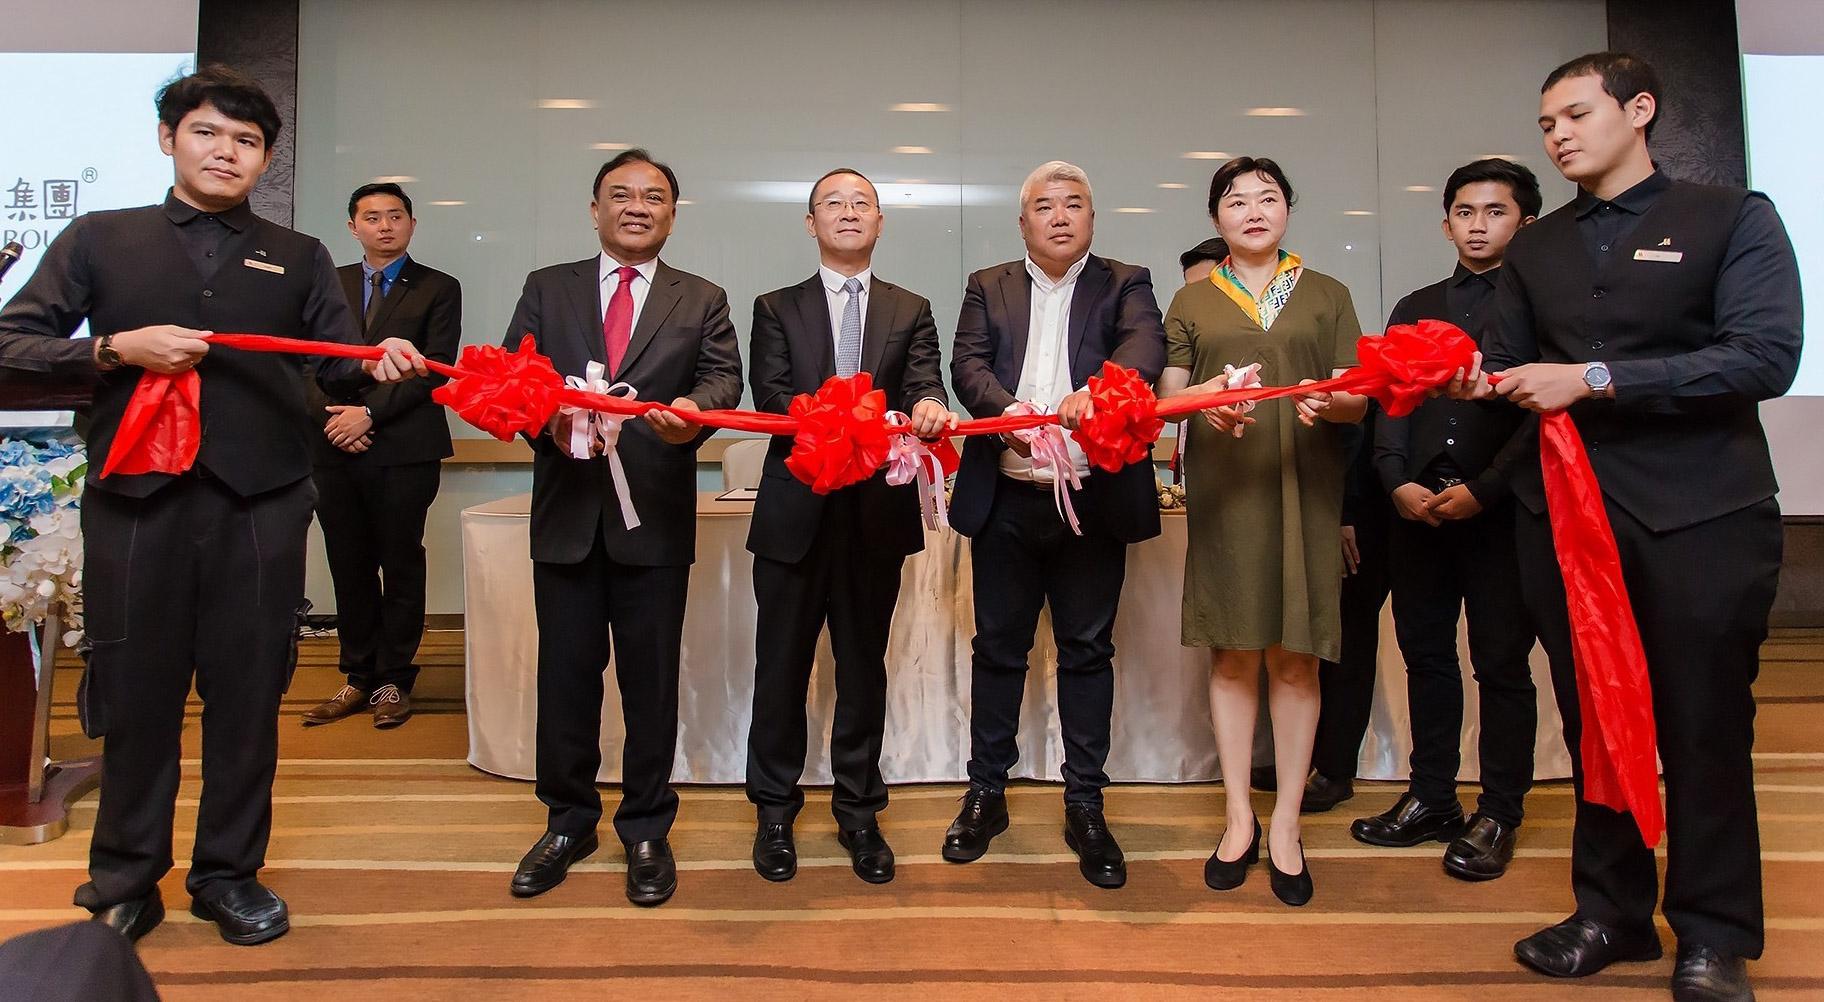 ลอว์เฟิร์มชั้นนำจีนเปิดสาขาในไทย รองรับทัพนักลงทุนแดนมังกร